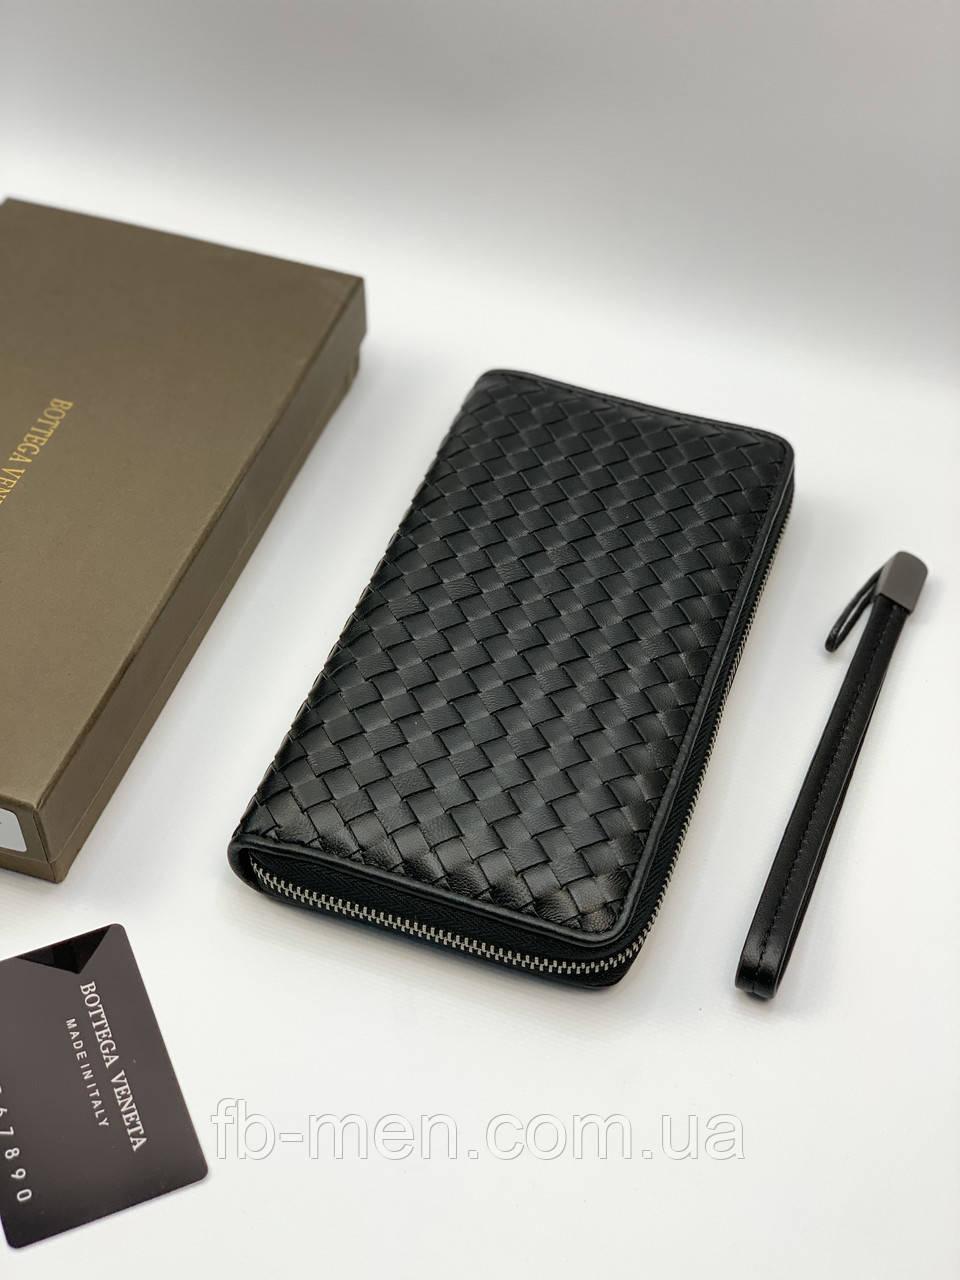 Кошелек Bottega Veneta Органайзер Боттега Венета черный кожаный Двойной кошелек Боттега Венета